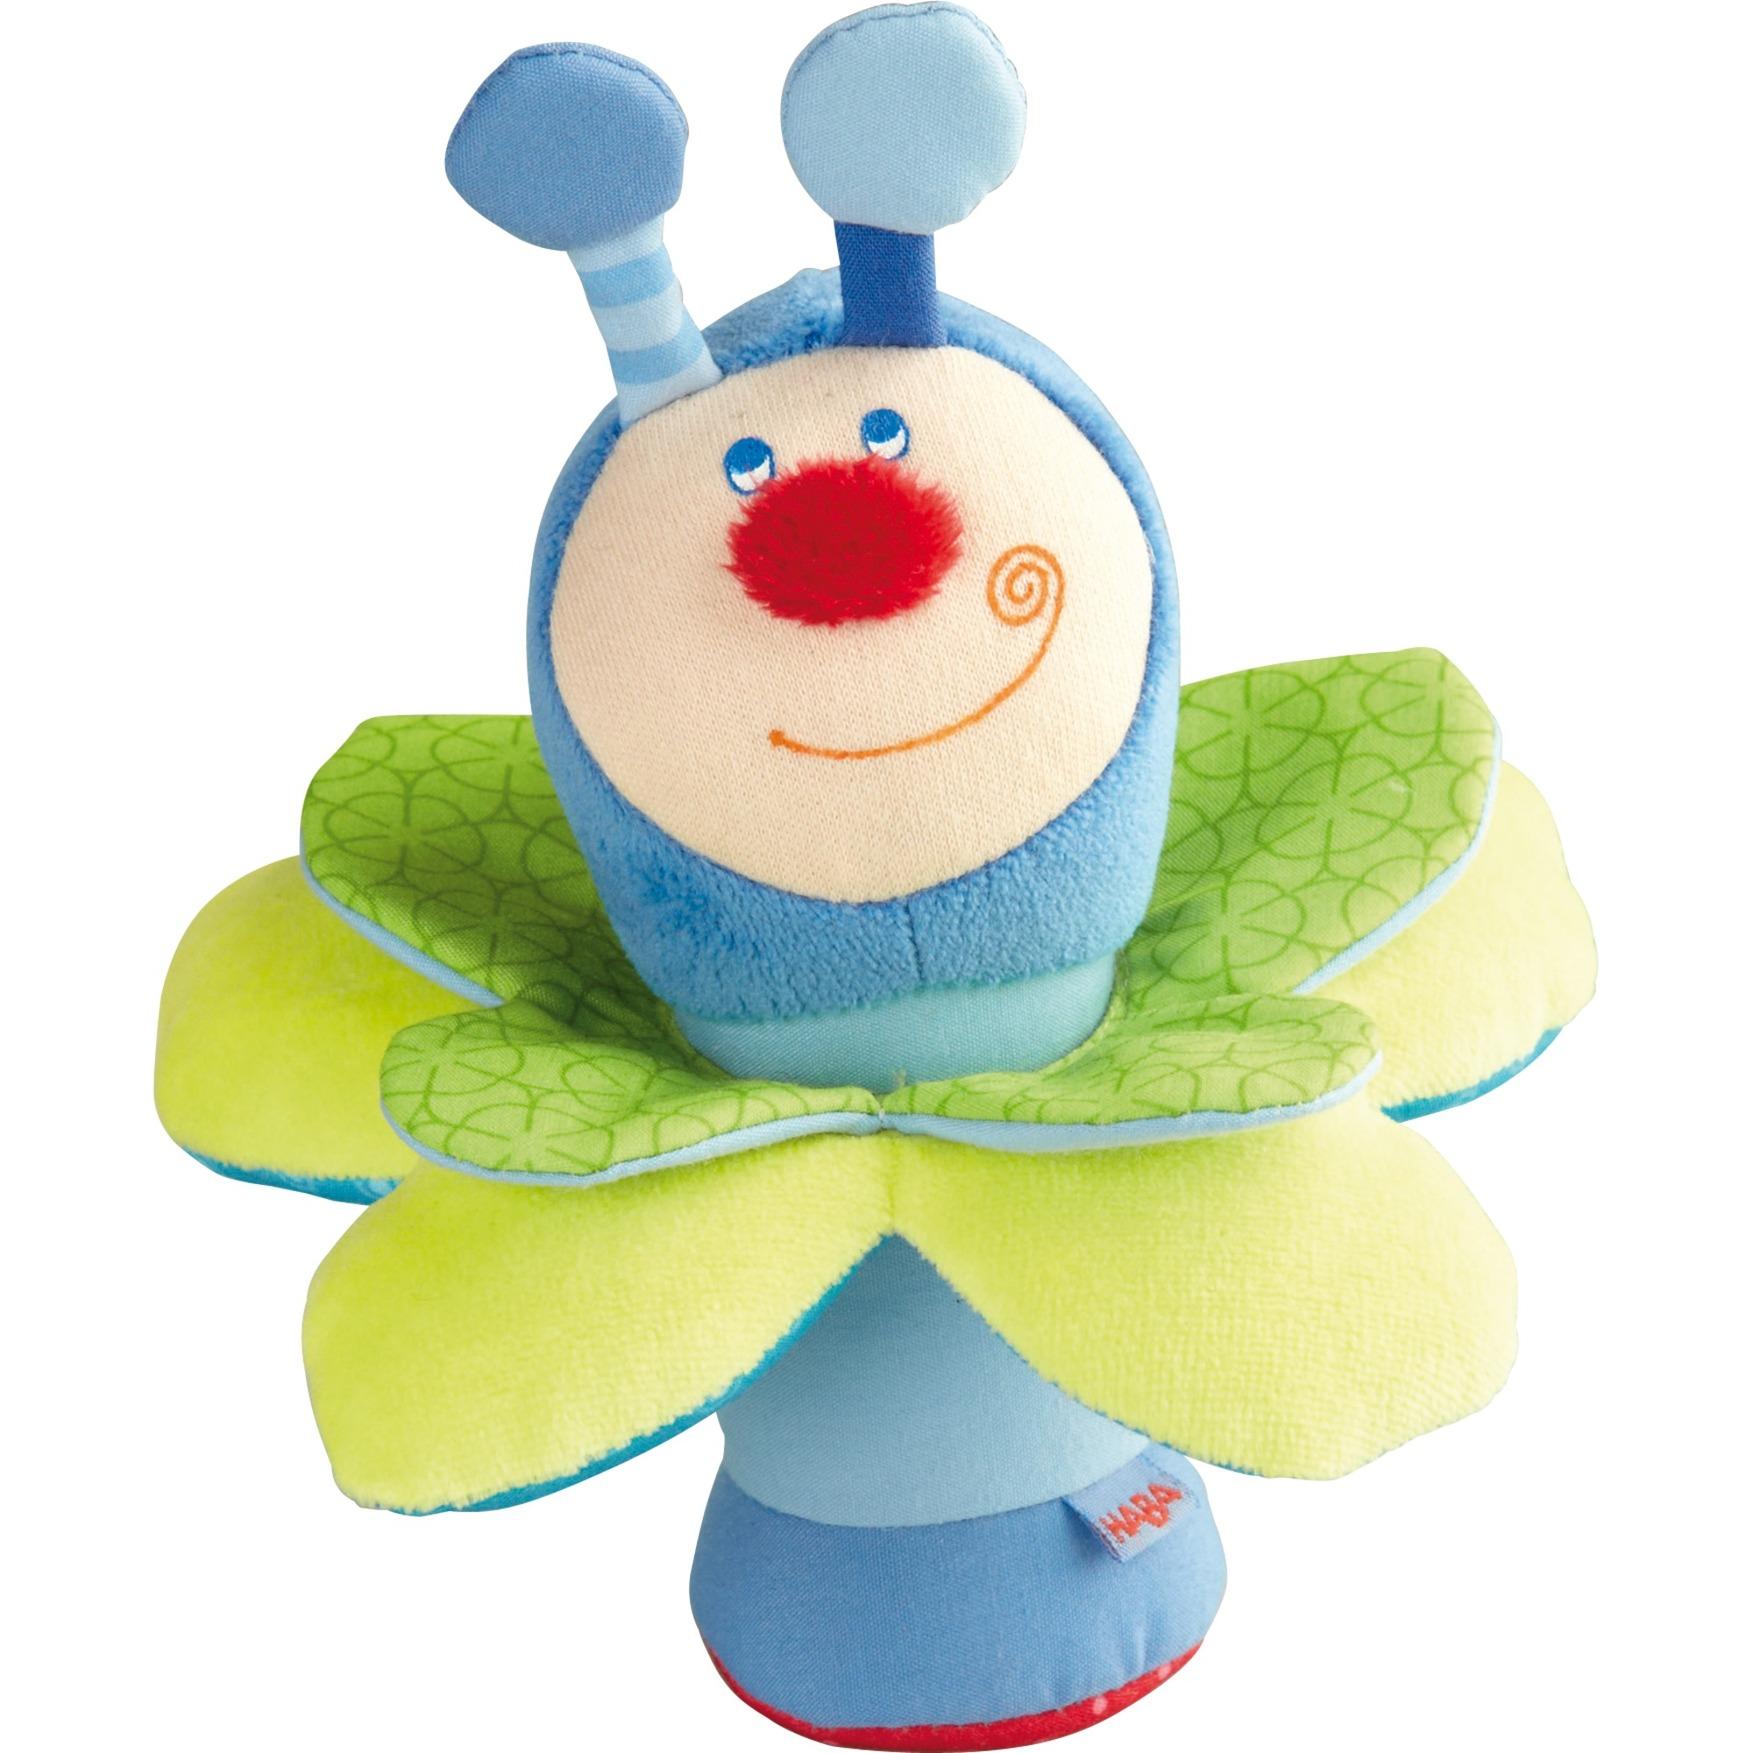 002148 Escarabajo de juguete Multicolor Algodón, Poliéster, Juego de destreza